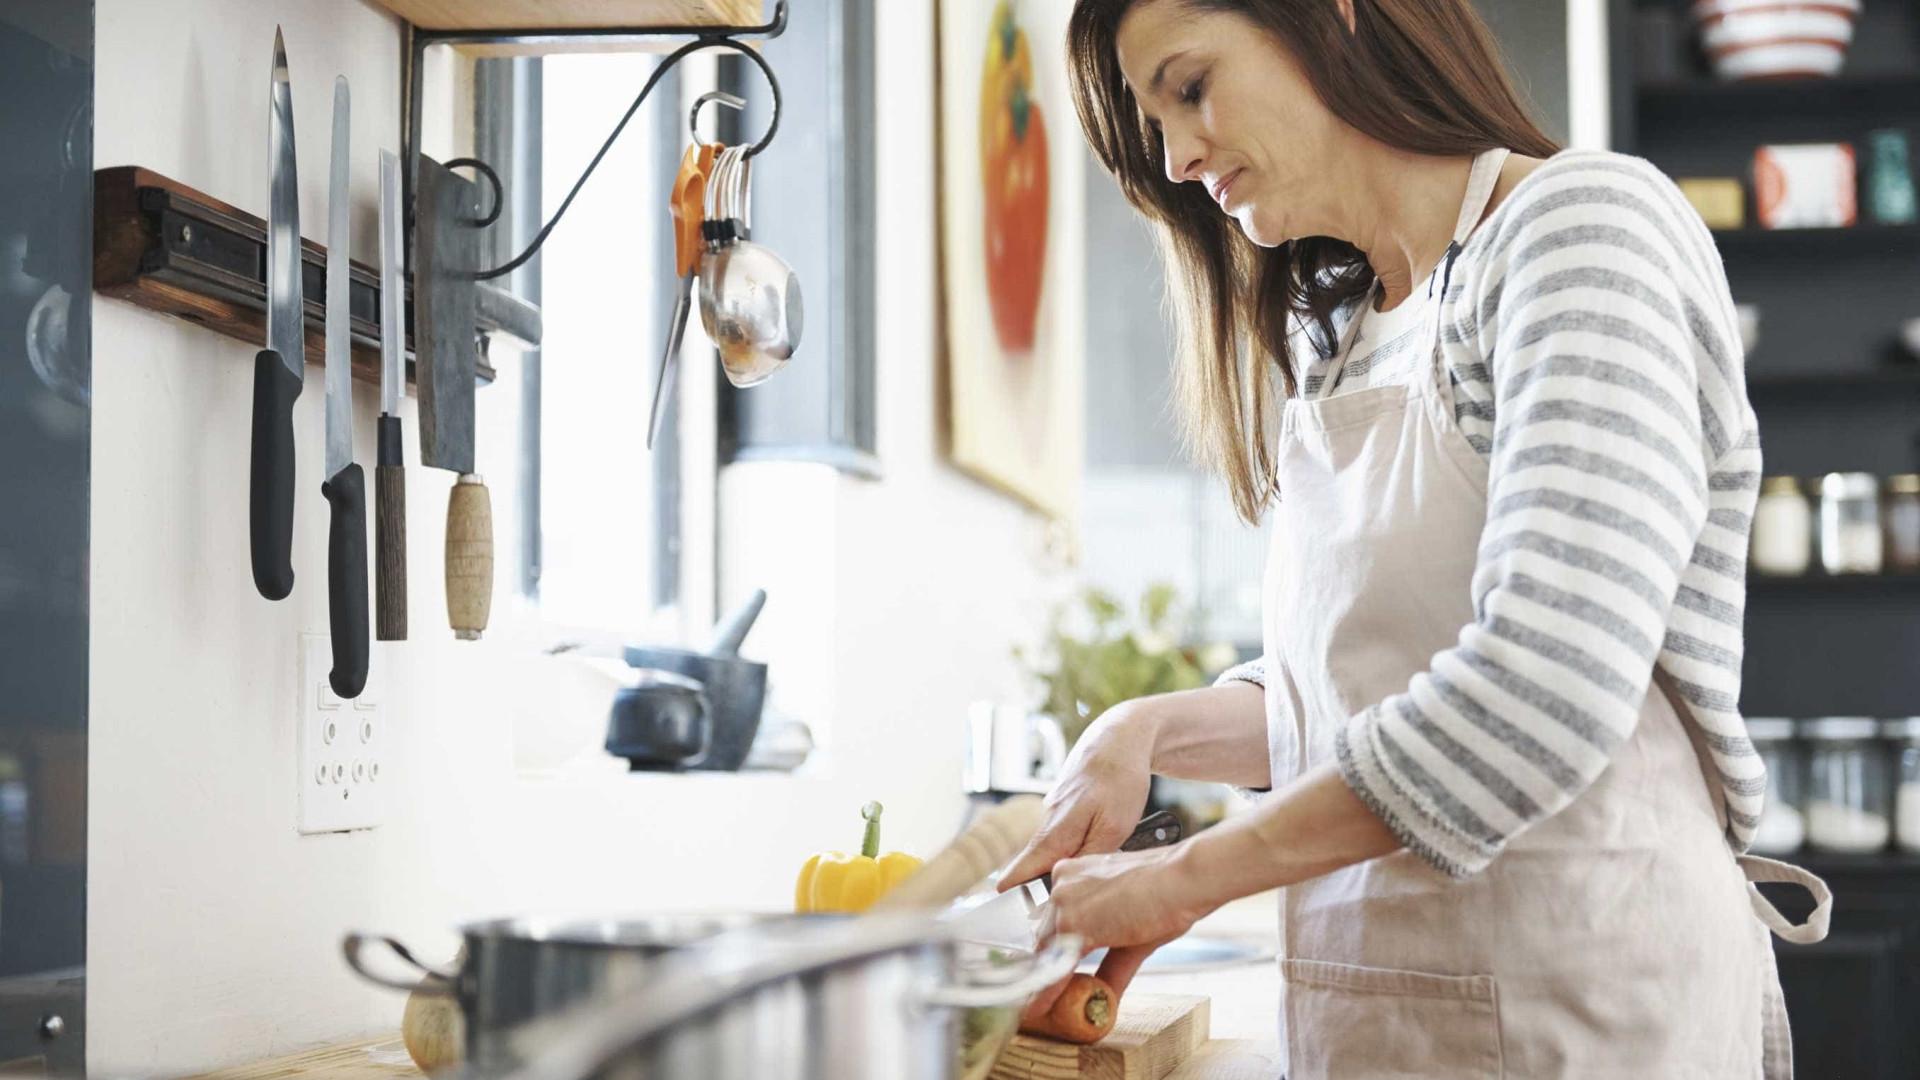 Tarefa do lar é coisa de mulher, diz IBGE